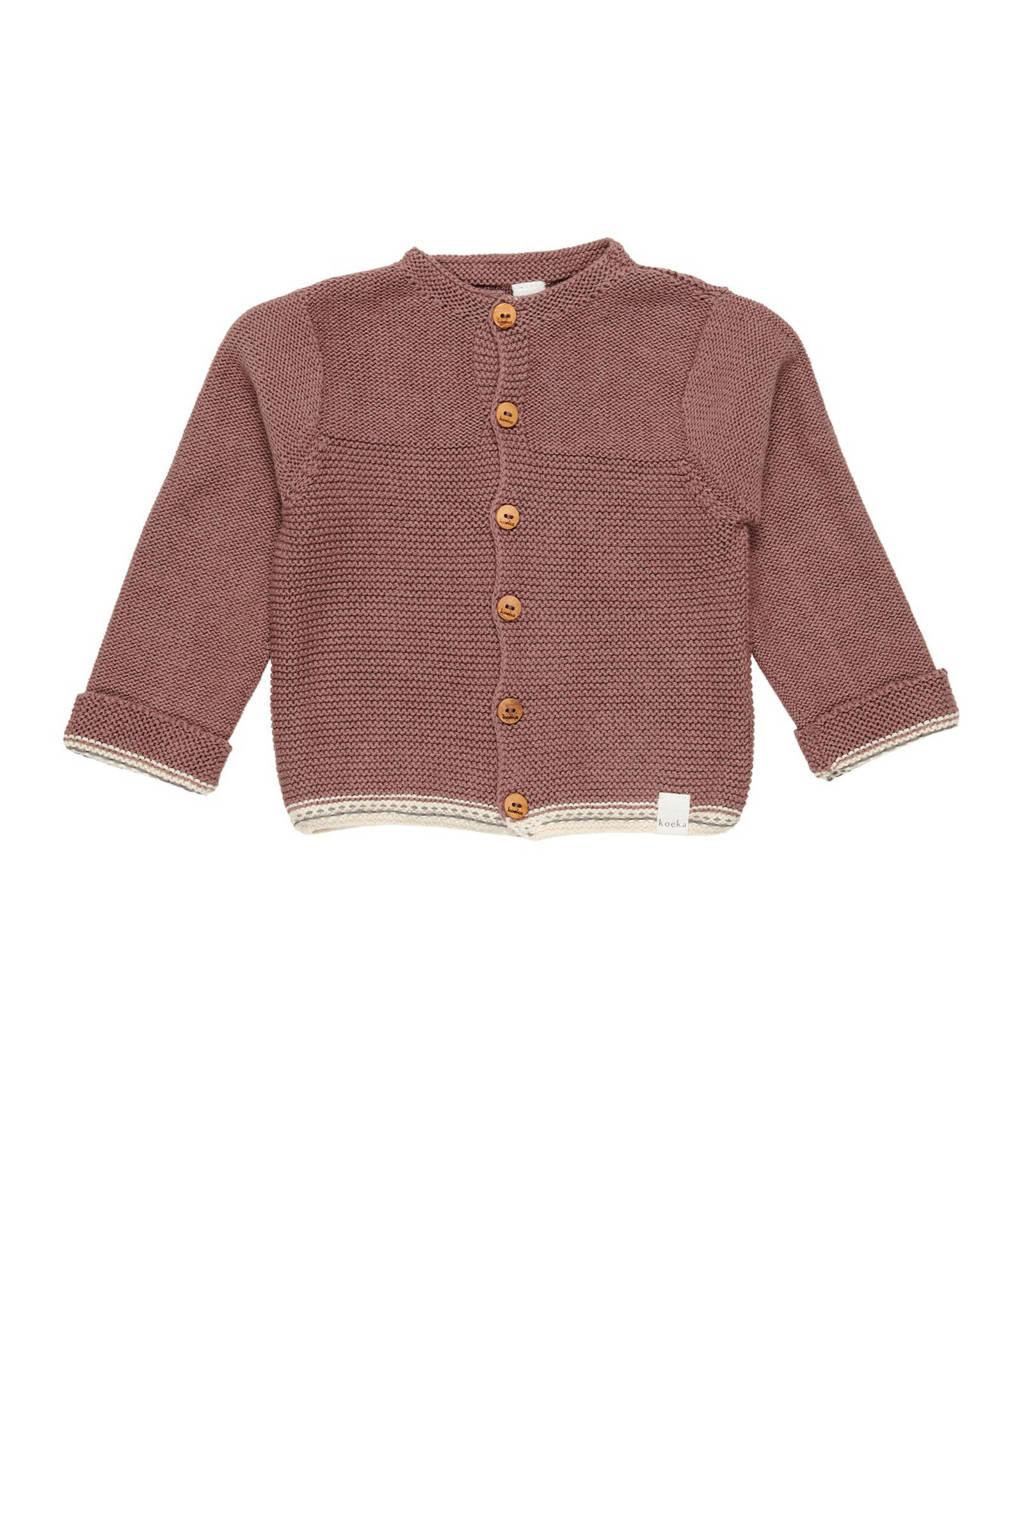 Koeka baby fijngebreid vest met contrastbies plym, Plym